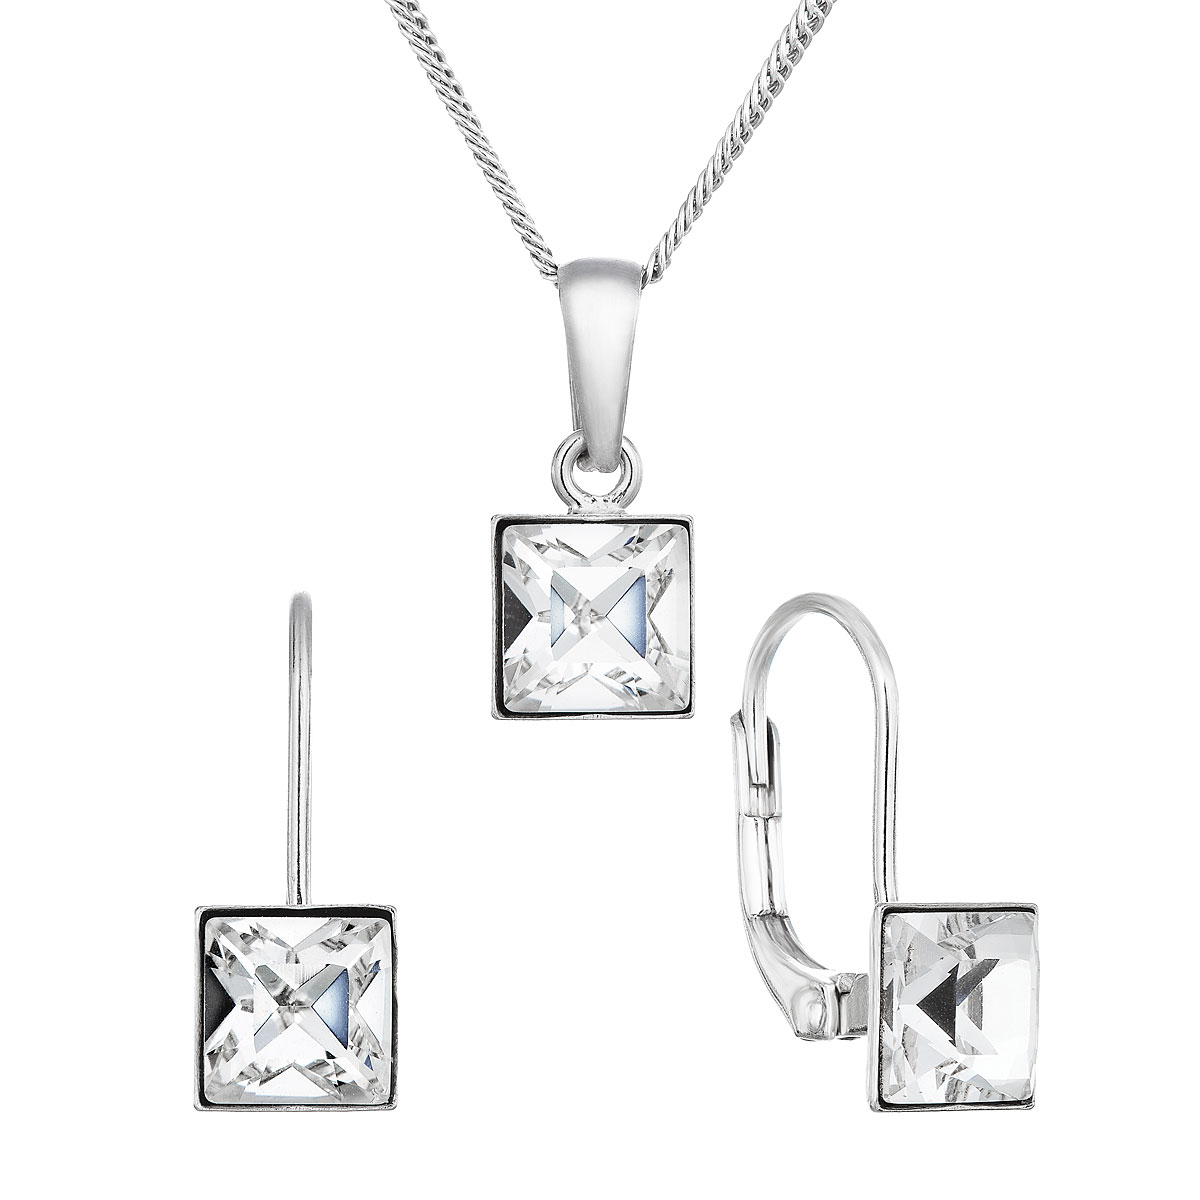 Sada šperků s krystaly Swarovski náušnice,řetízek a přívěsek bílá kostička 79037.1